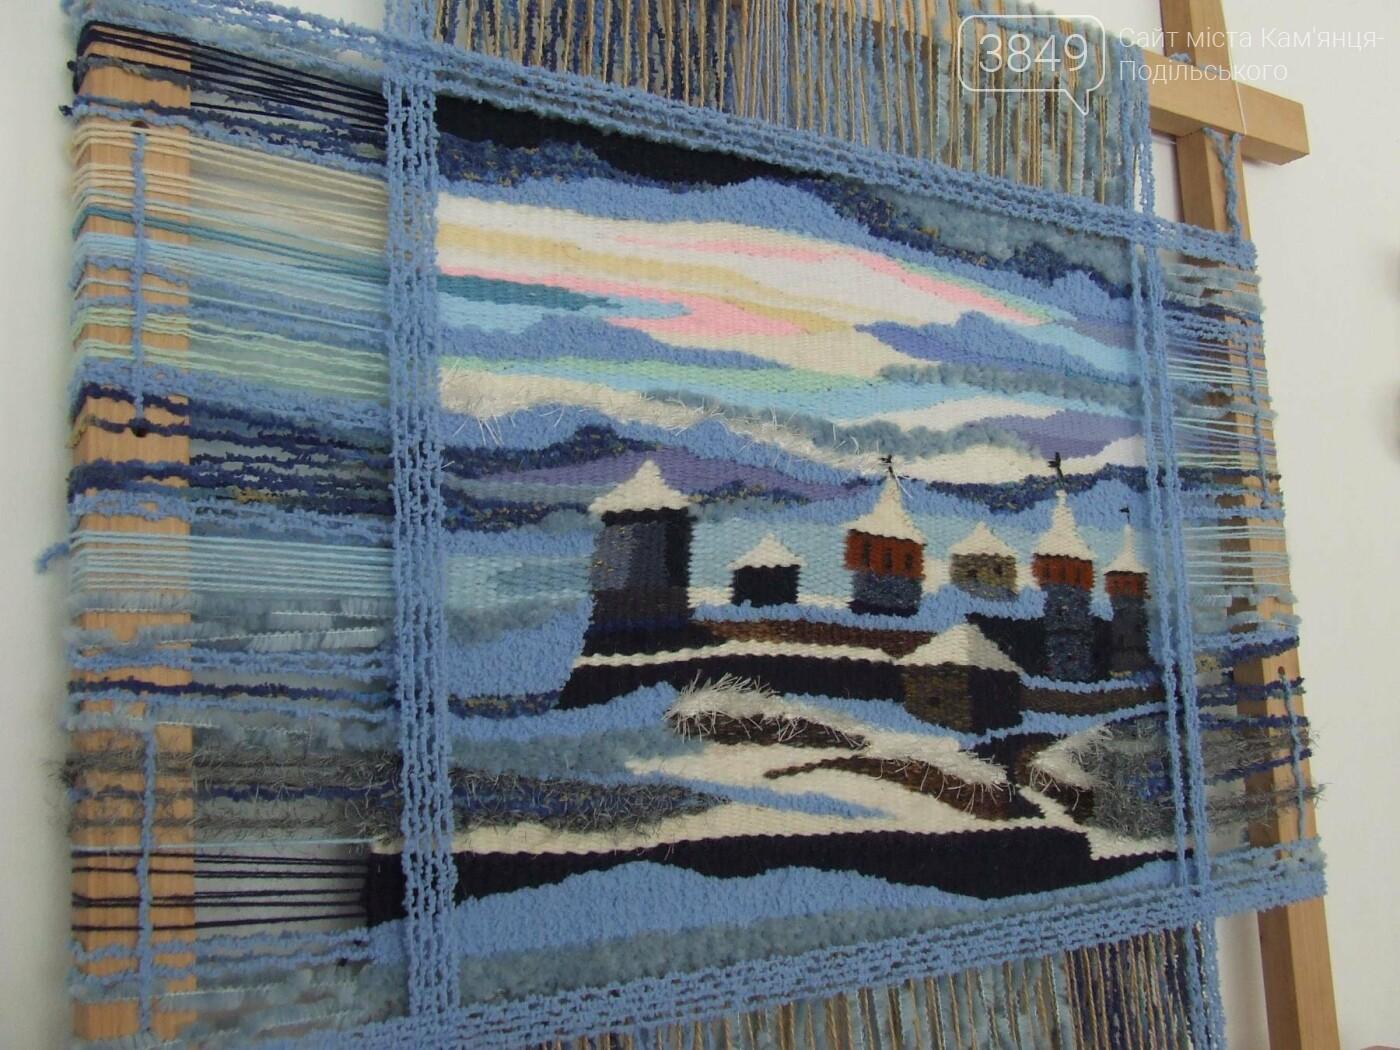 У Кам'янці відкрили виставку робіт декоративного та образотворчого мистецтва, фото-4